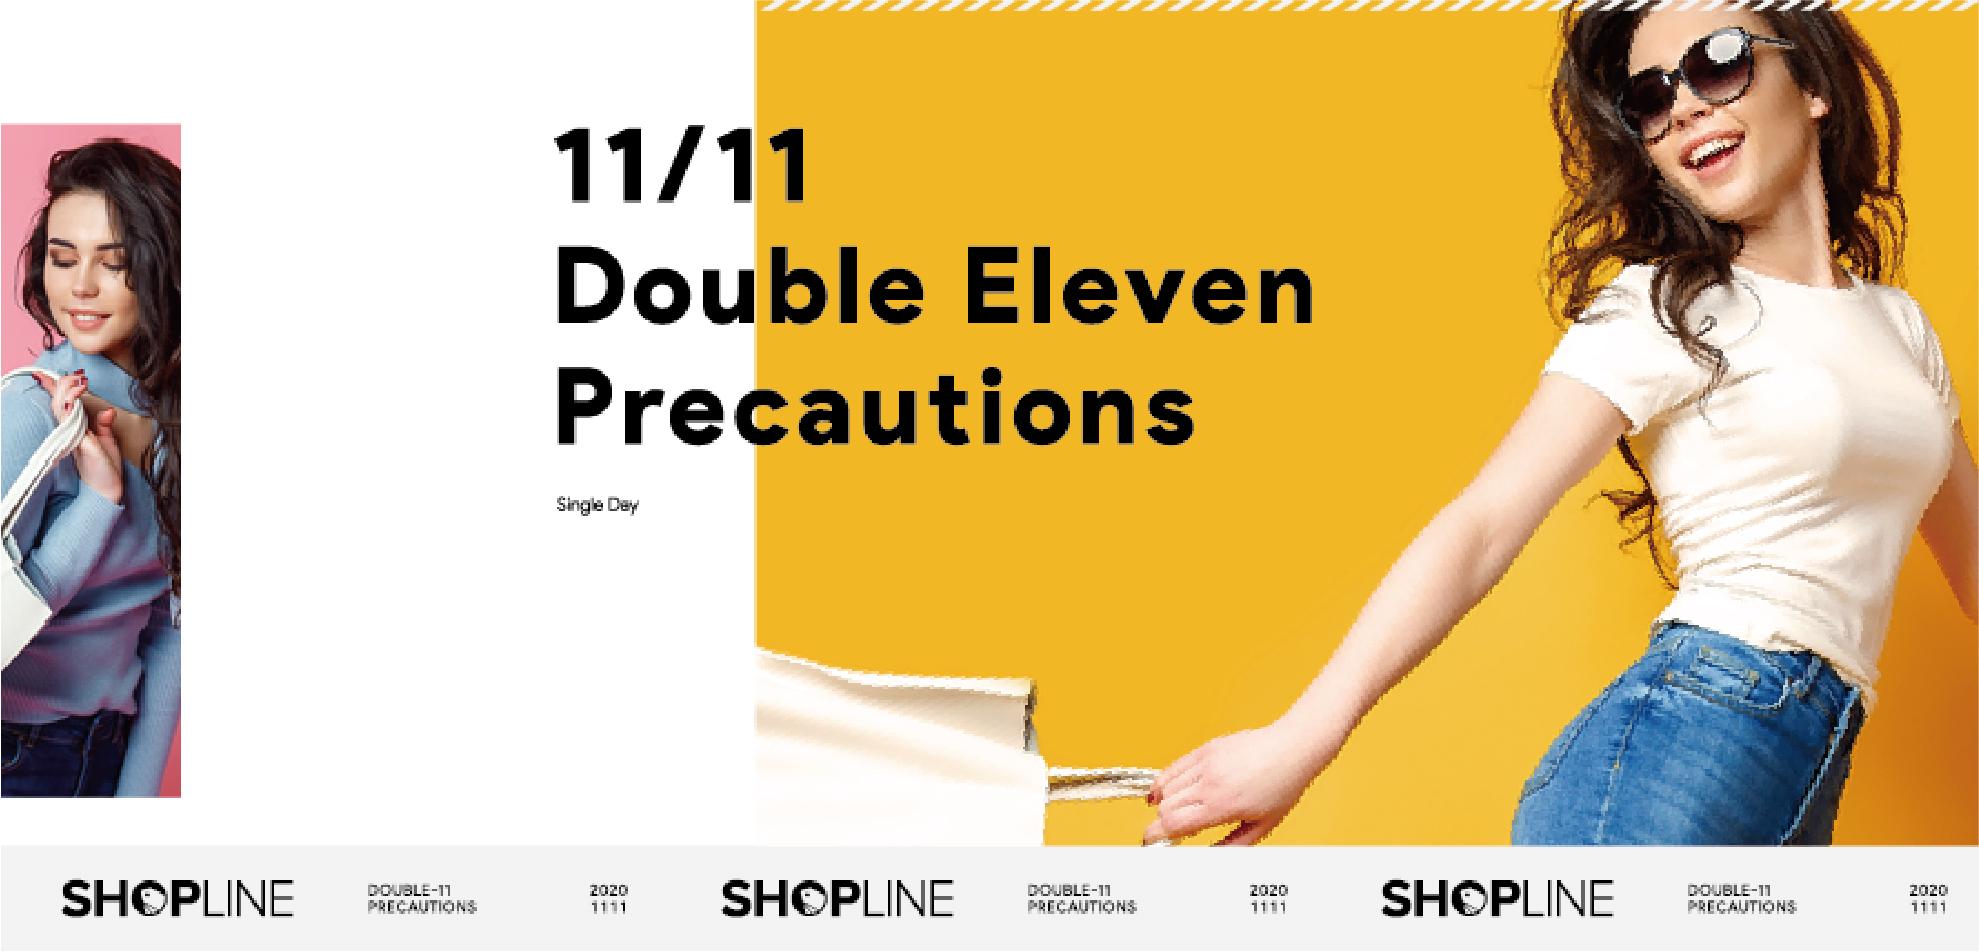 品牌店家如何迎戰不同以往的雙 11?談 3 招電商致勝關鍵